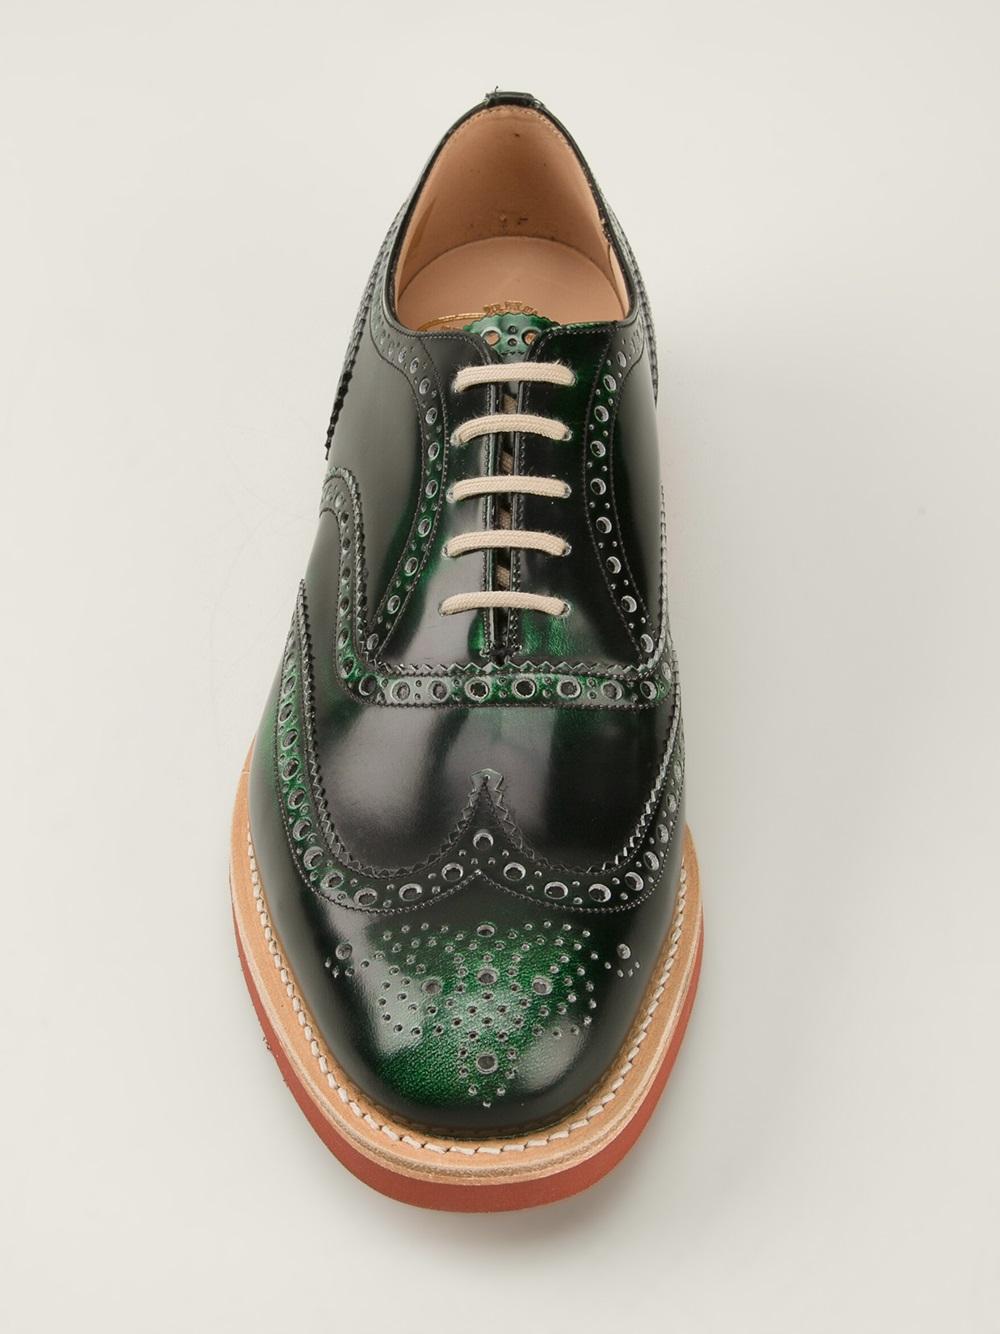 Yoox Shoes Mens